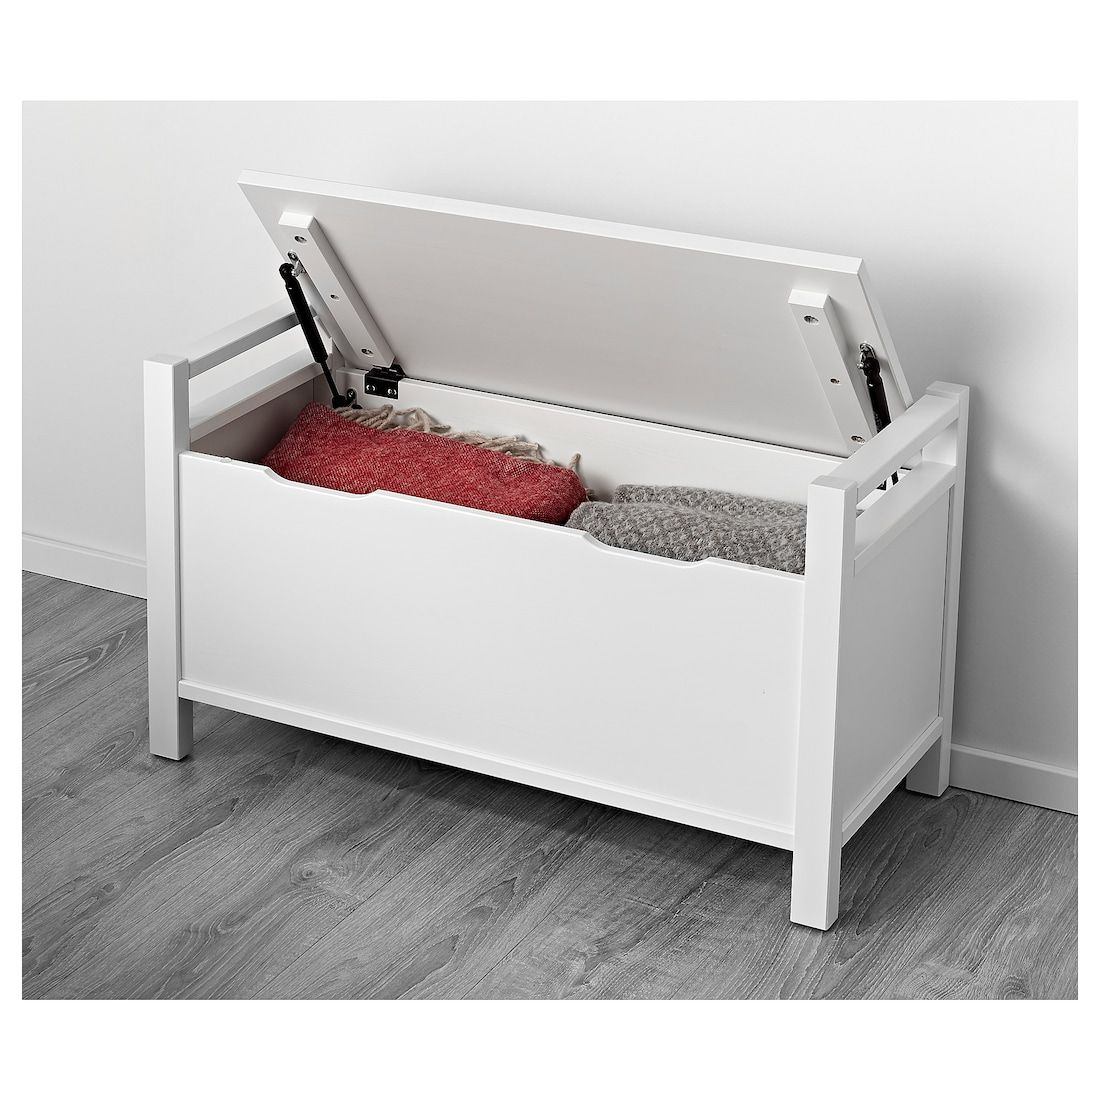 Hemnes Banc Coffre Teinte Blanc Blanc Ikea Banc De Rangement Blanc Ikea Hemnes Hemnes